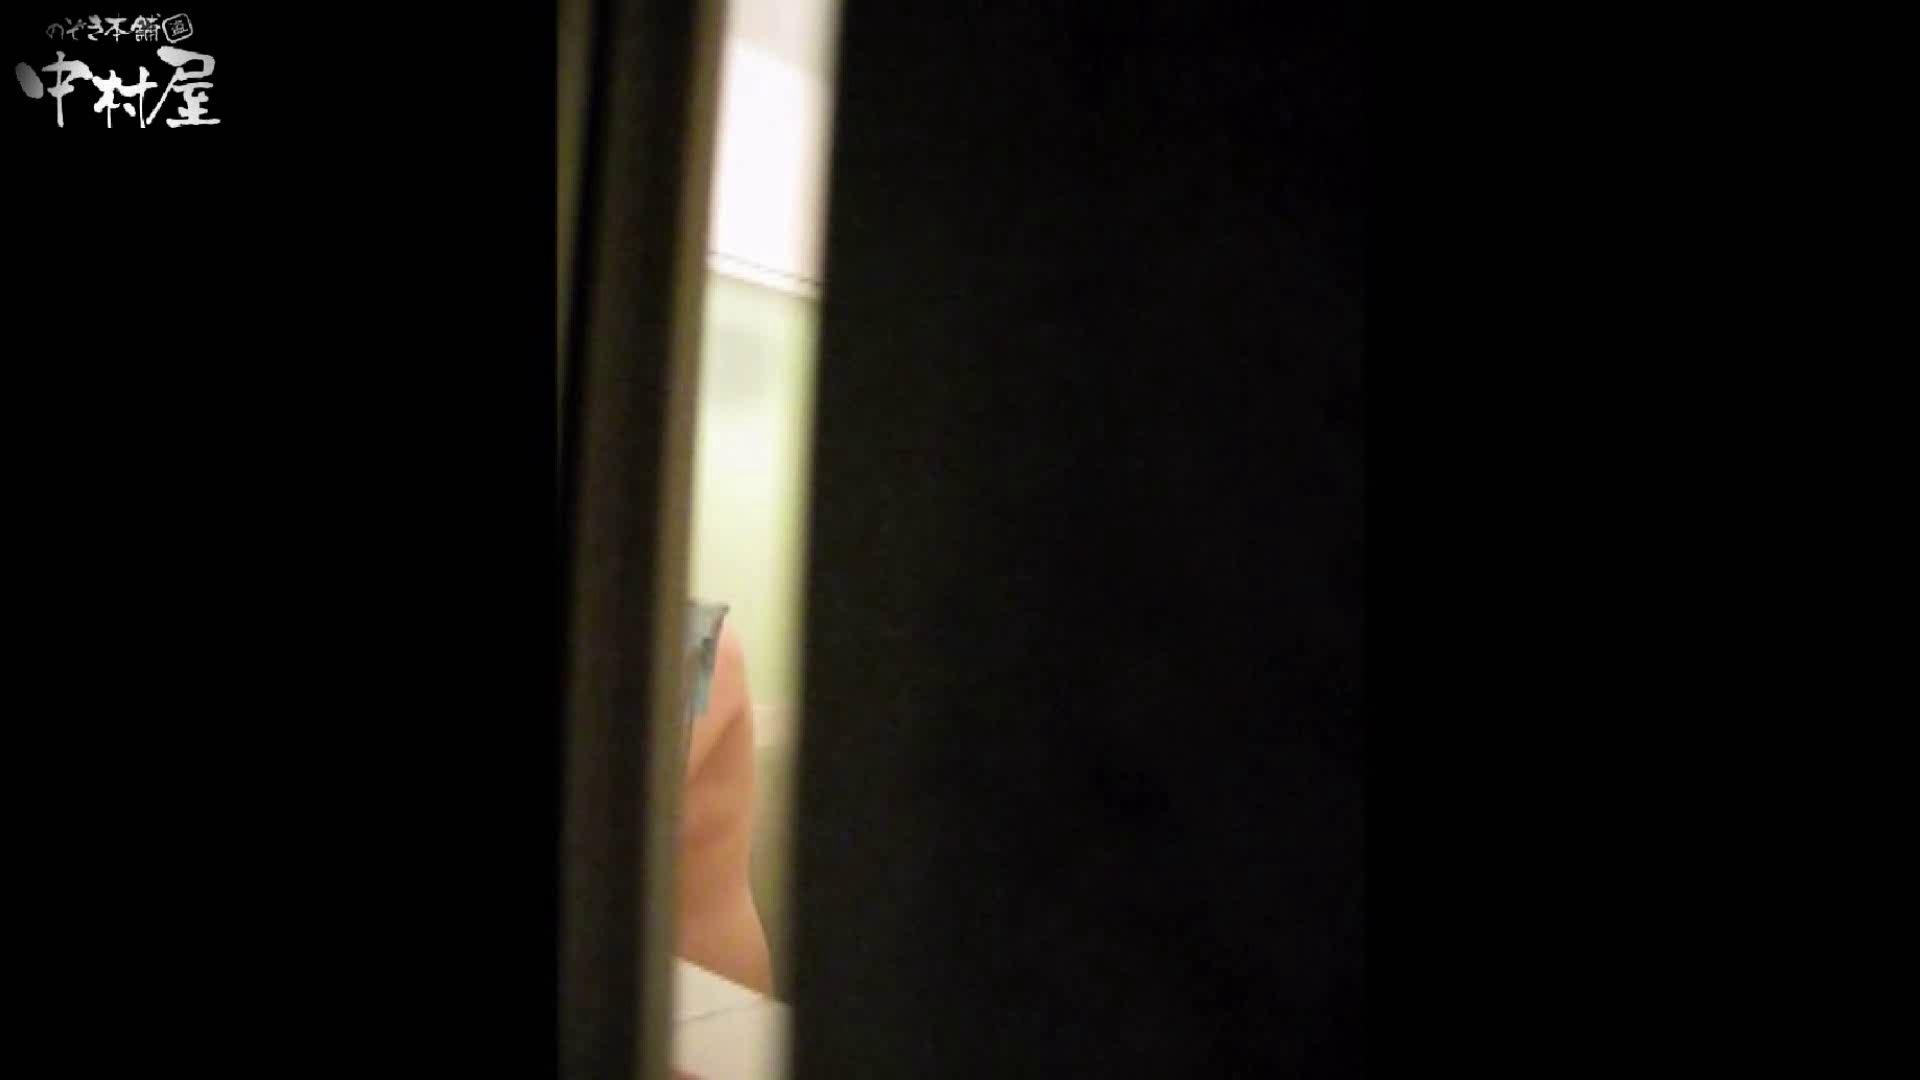 民家風呂専門盗撮師の超危険映像 vol.015 民家シリーズ すけべAV動画紹介 99PIX 93